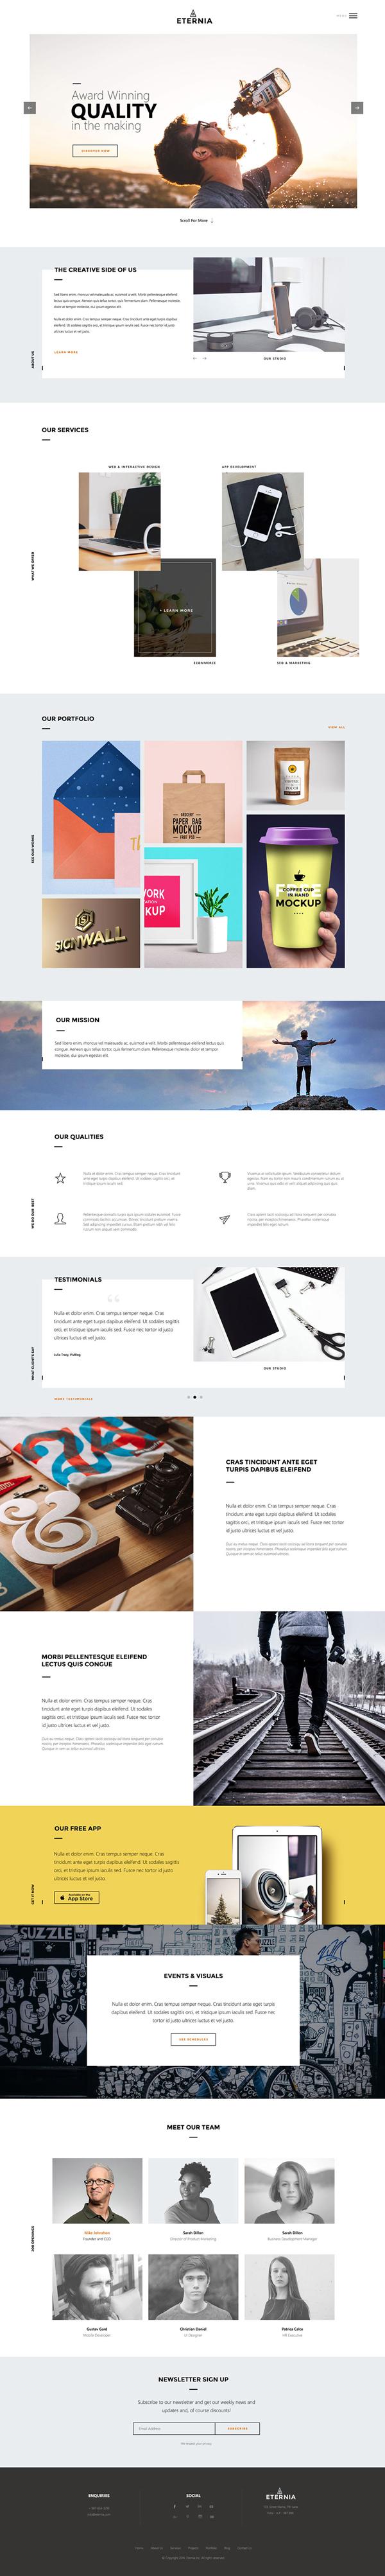 ETERNIA: Multipurpose Website Template PSD